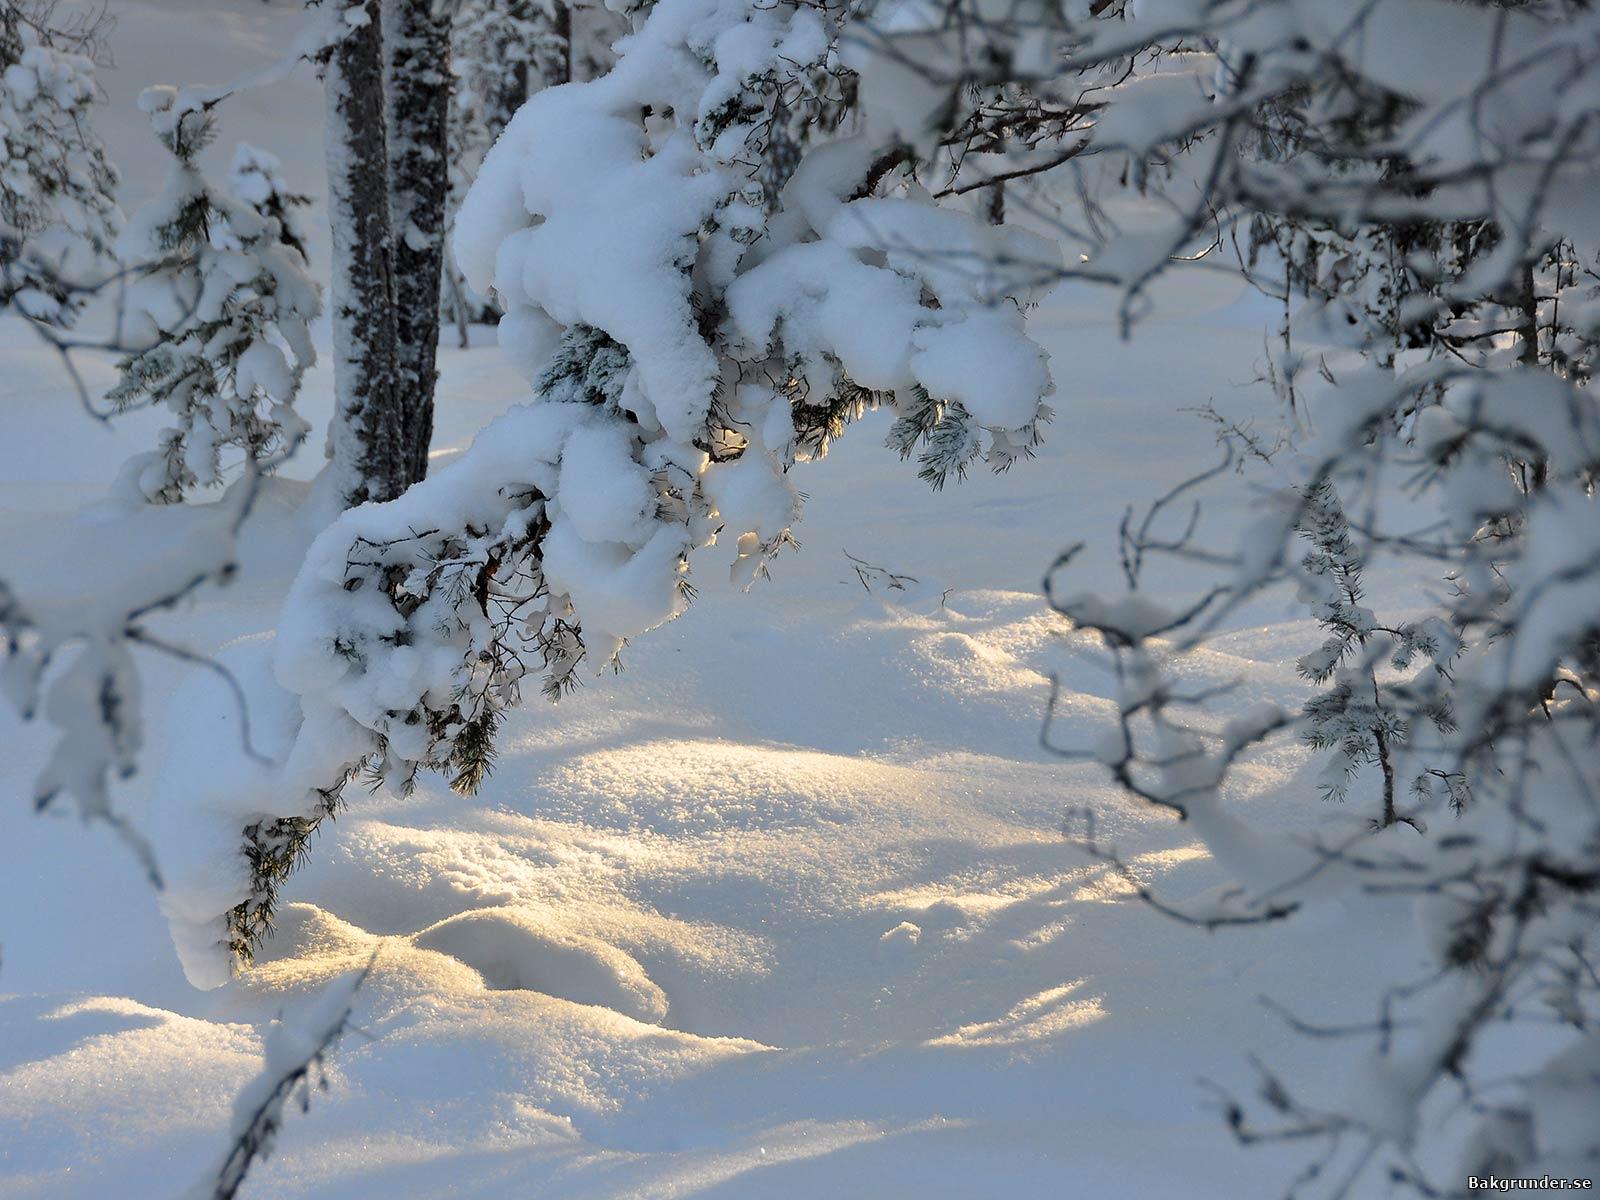 Djup snötäcke i solsken